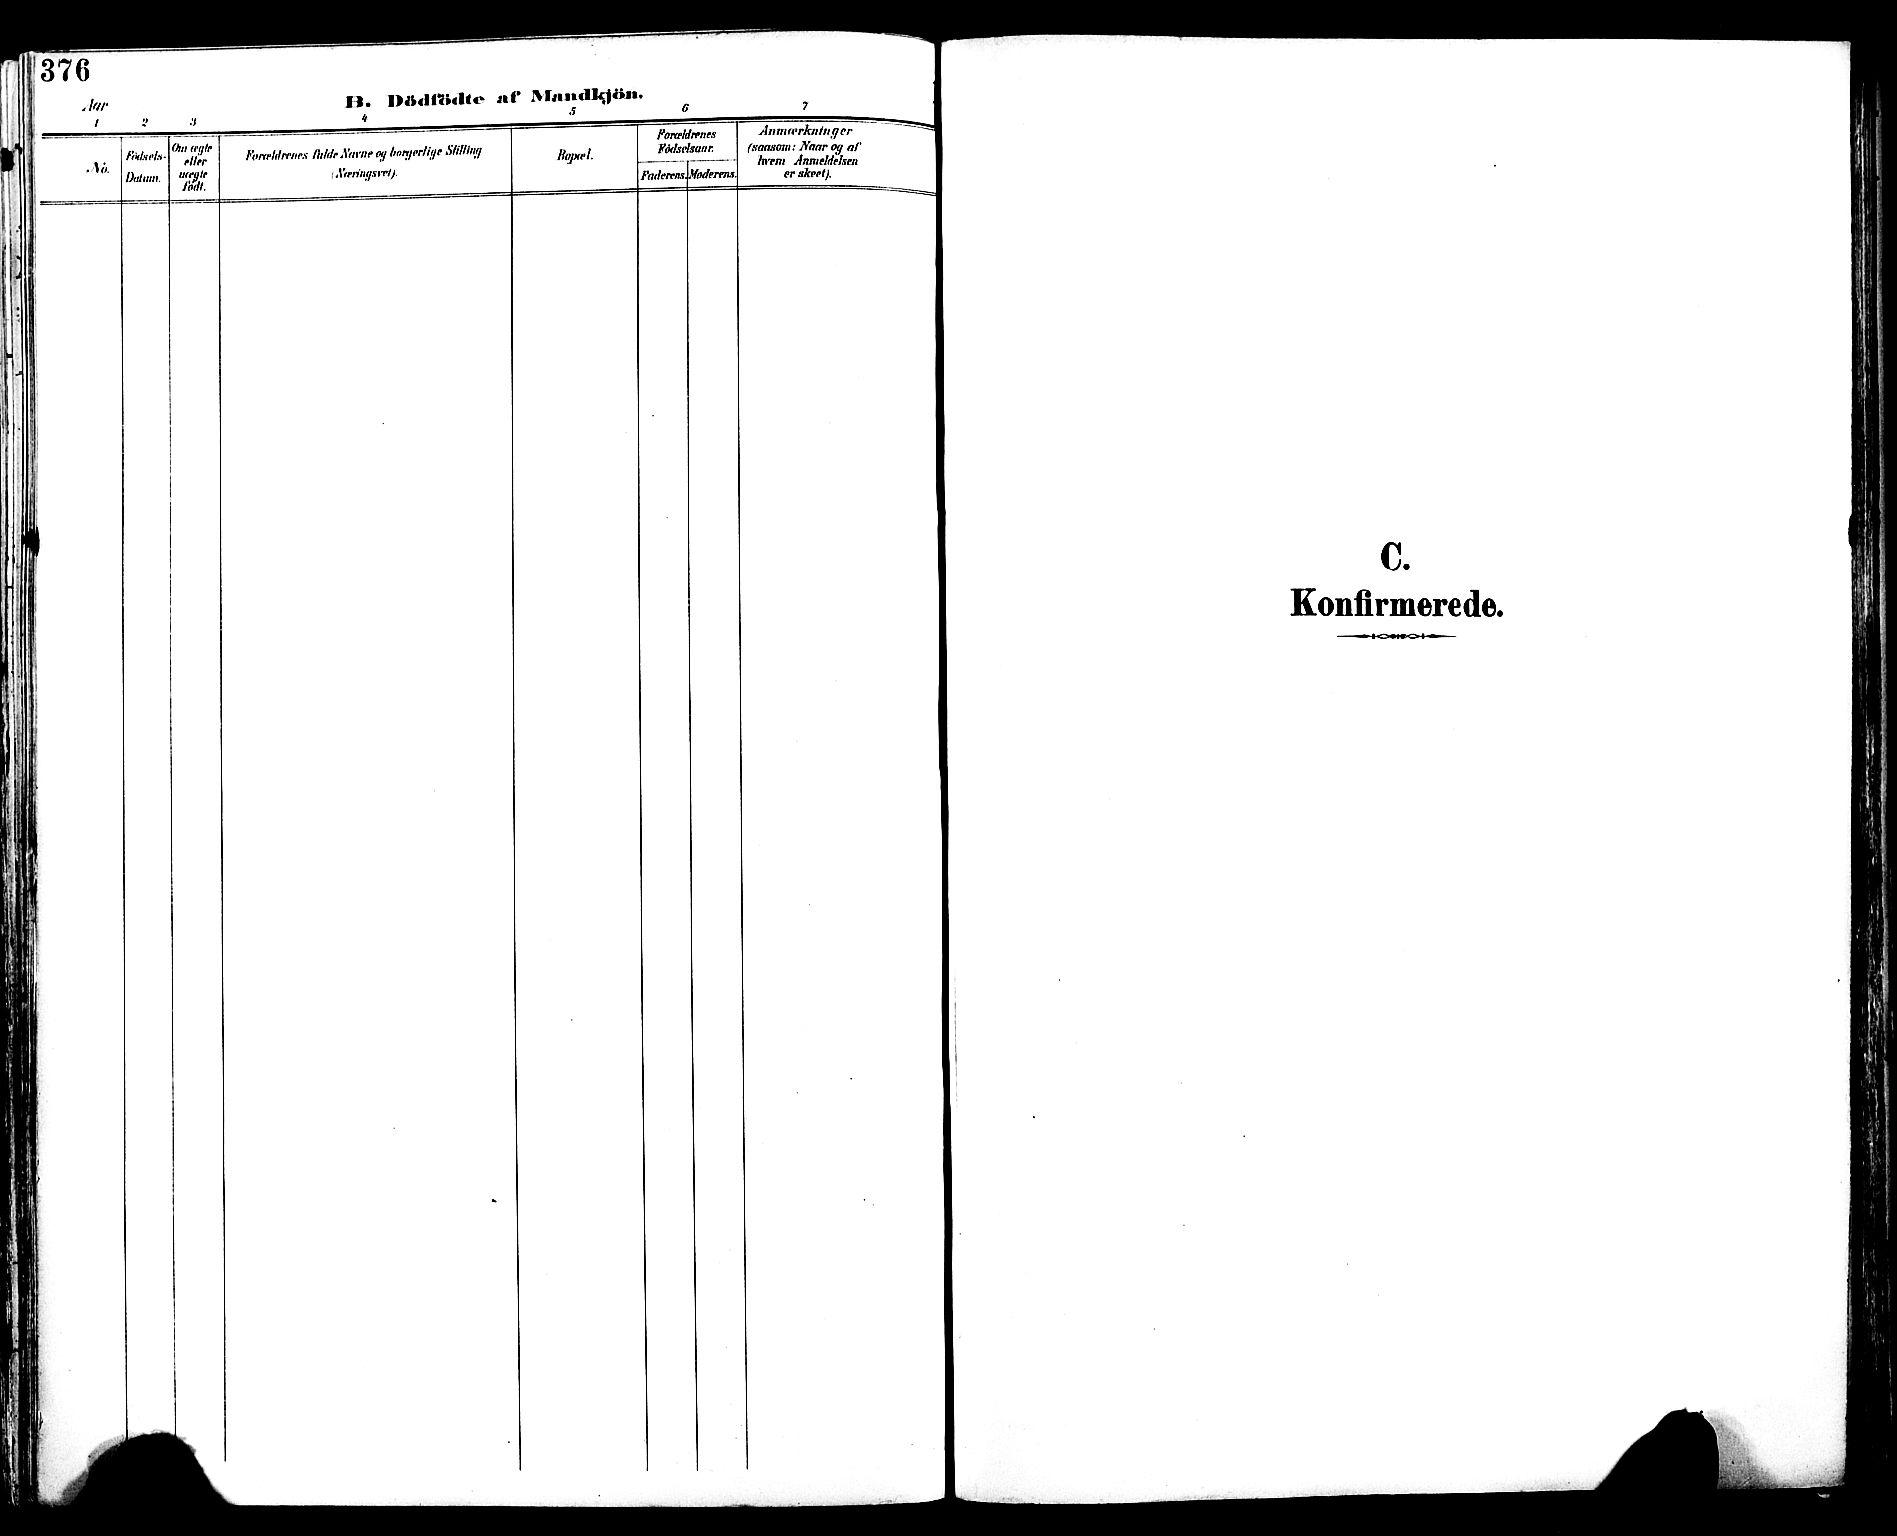 SAT, Ministerialprotokoller, klokkerbøker og fødselsregistre - Sør-Trøndelag, 604/L0197: Ministerialbok nr. 604A18, 1893-1900, s. 376